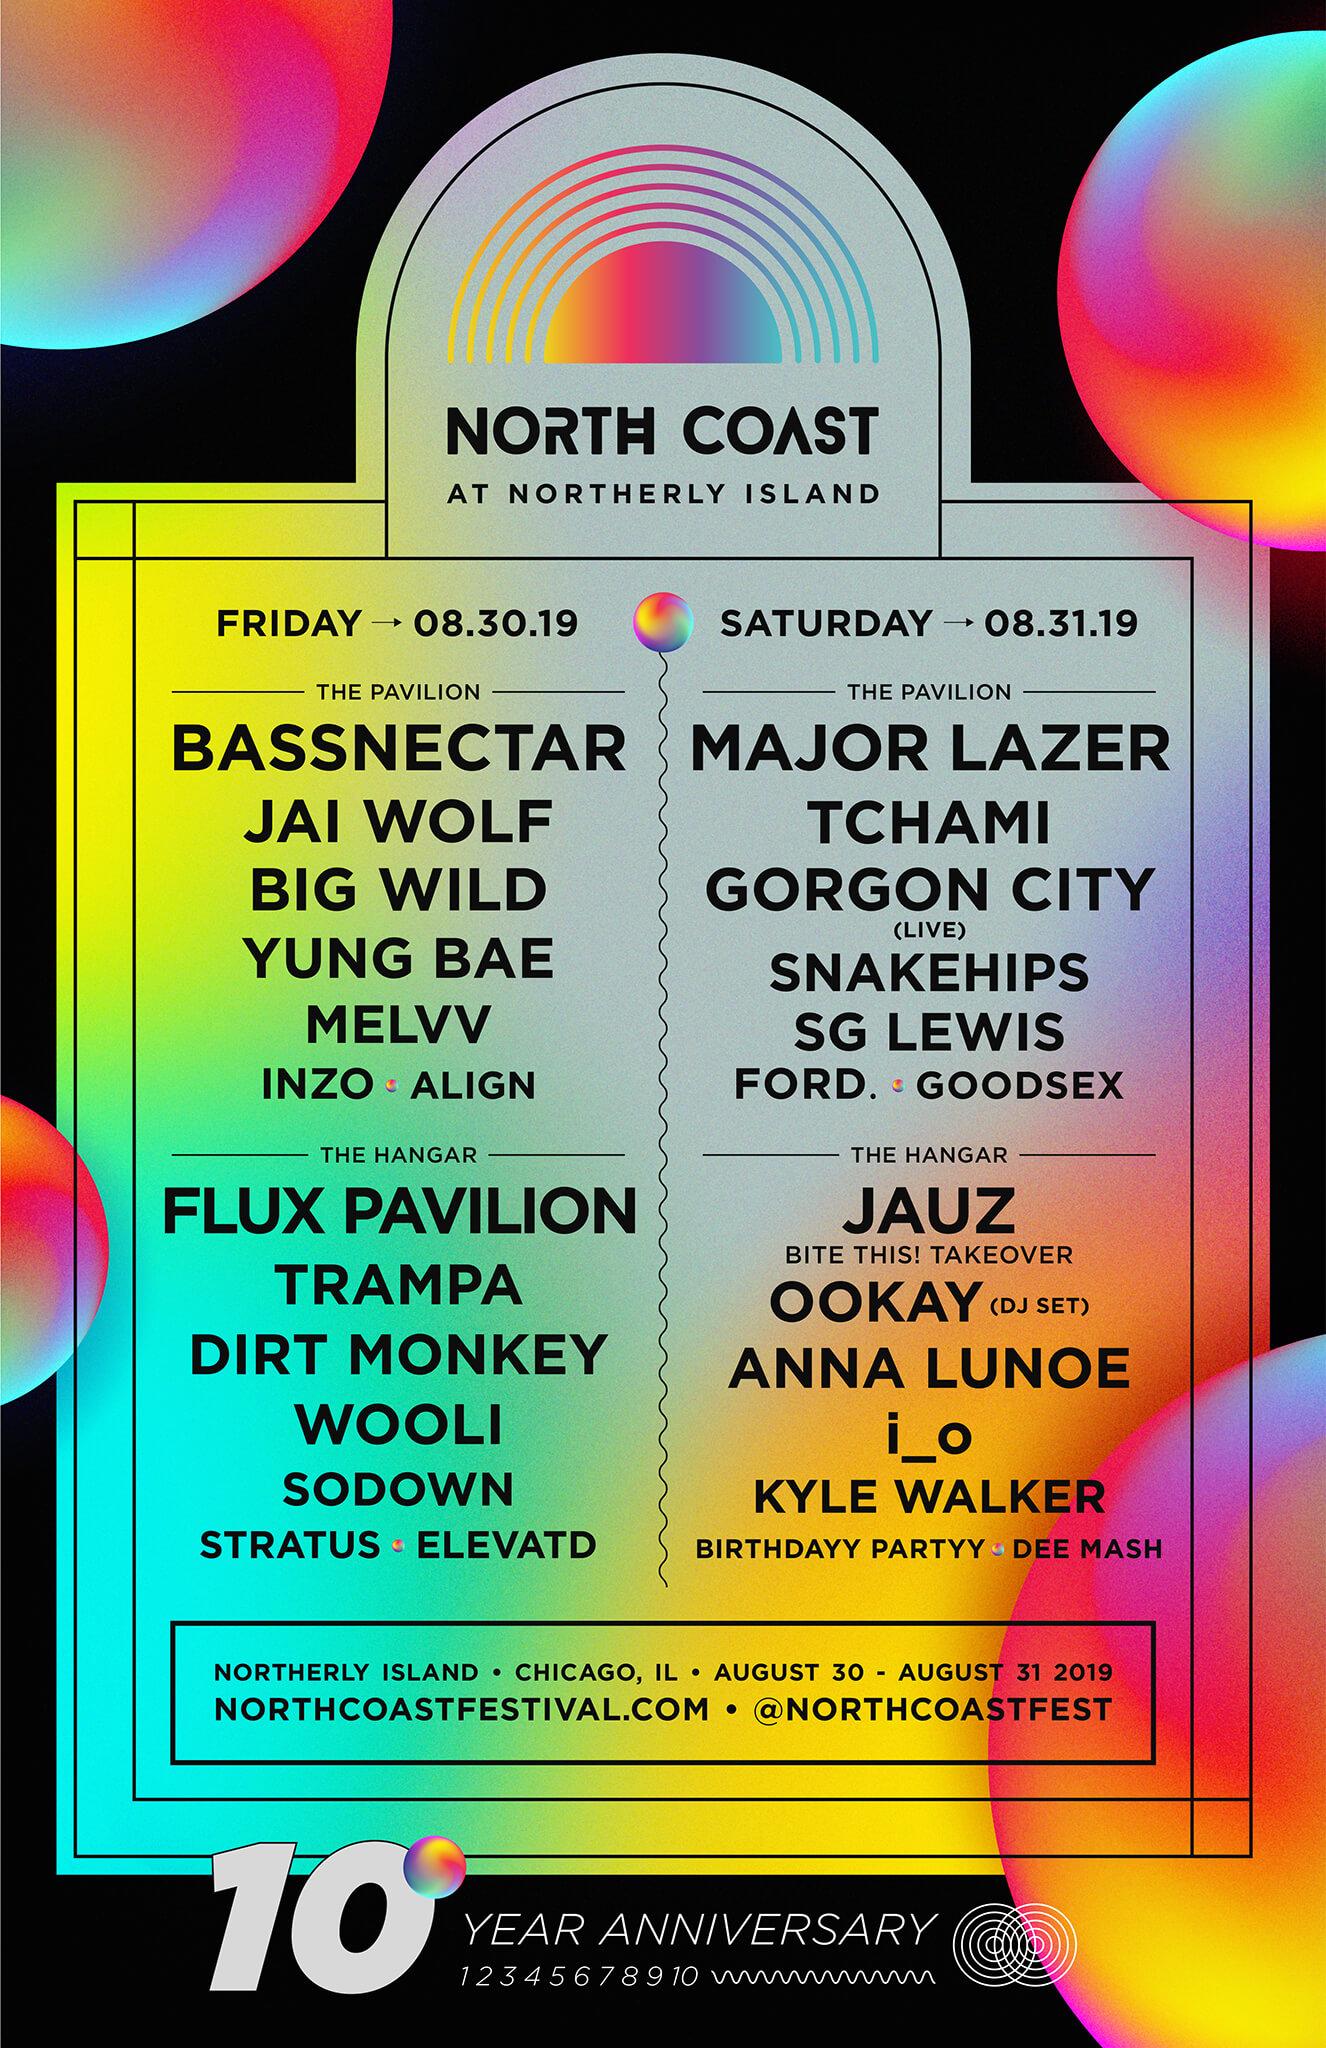 North Coast Music Festival - Friday at Huntington Bank Pavilion at Northerly Island